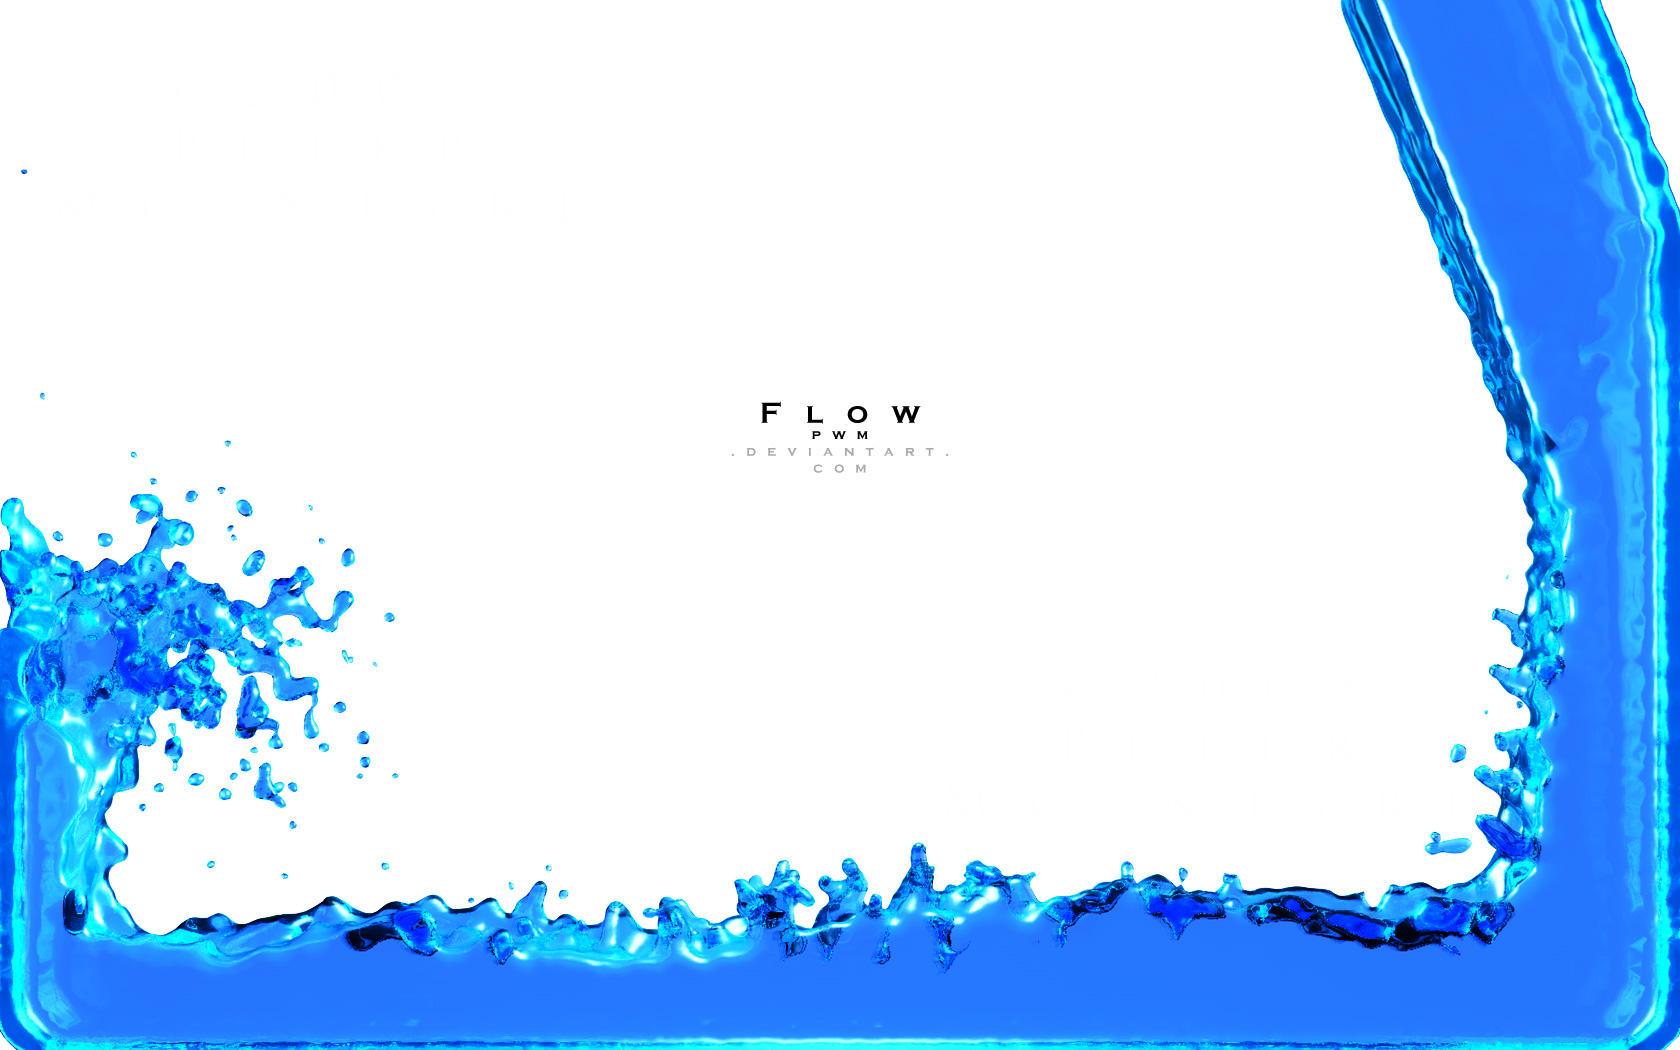 Flow 1680x1050 by pwm